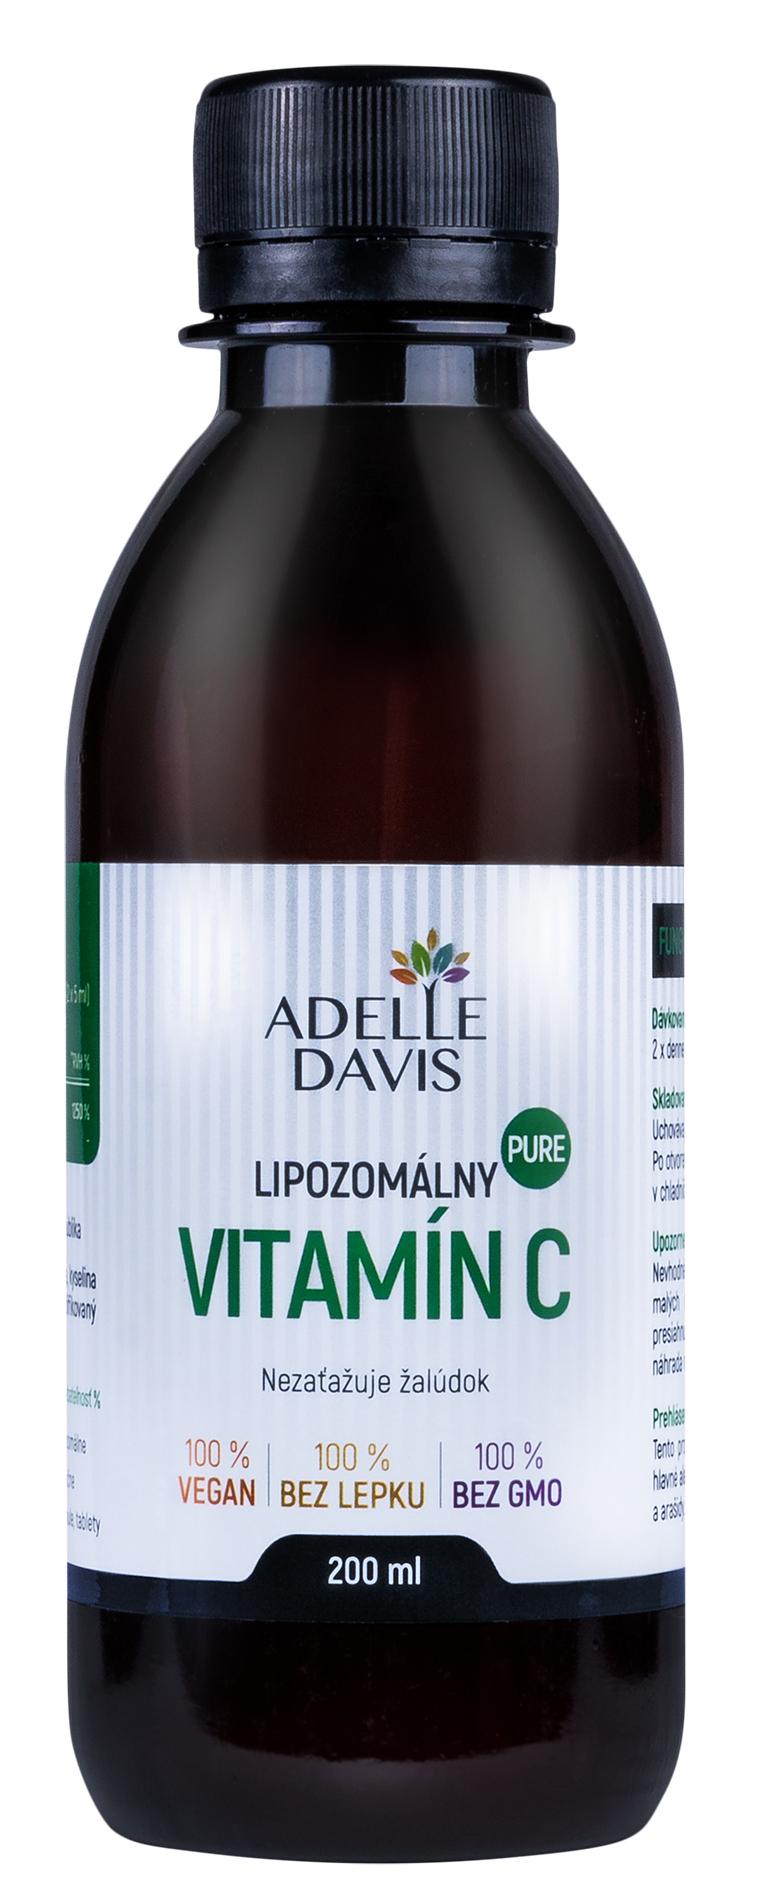 Adelle Davis - Lipozomálny vitamín, C 200 ml, veľmi čistý